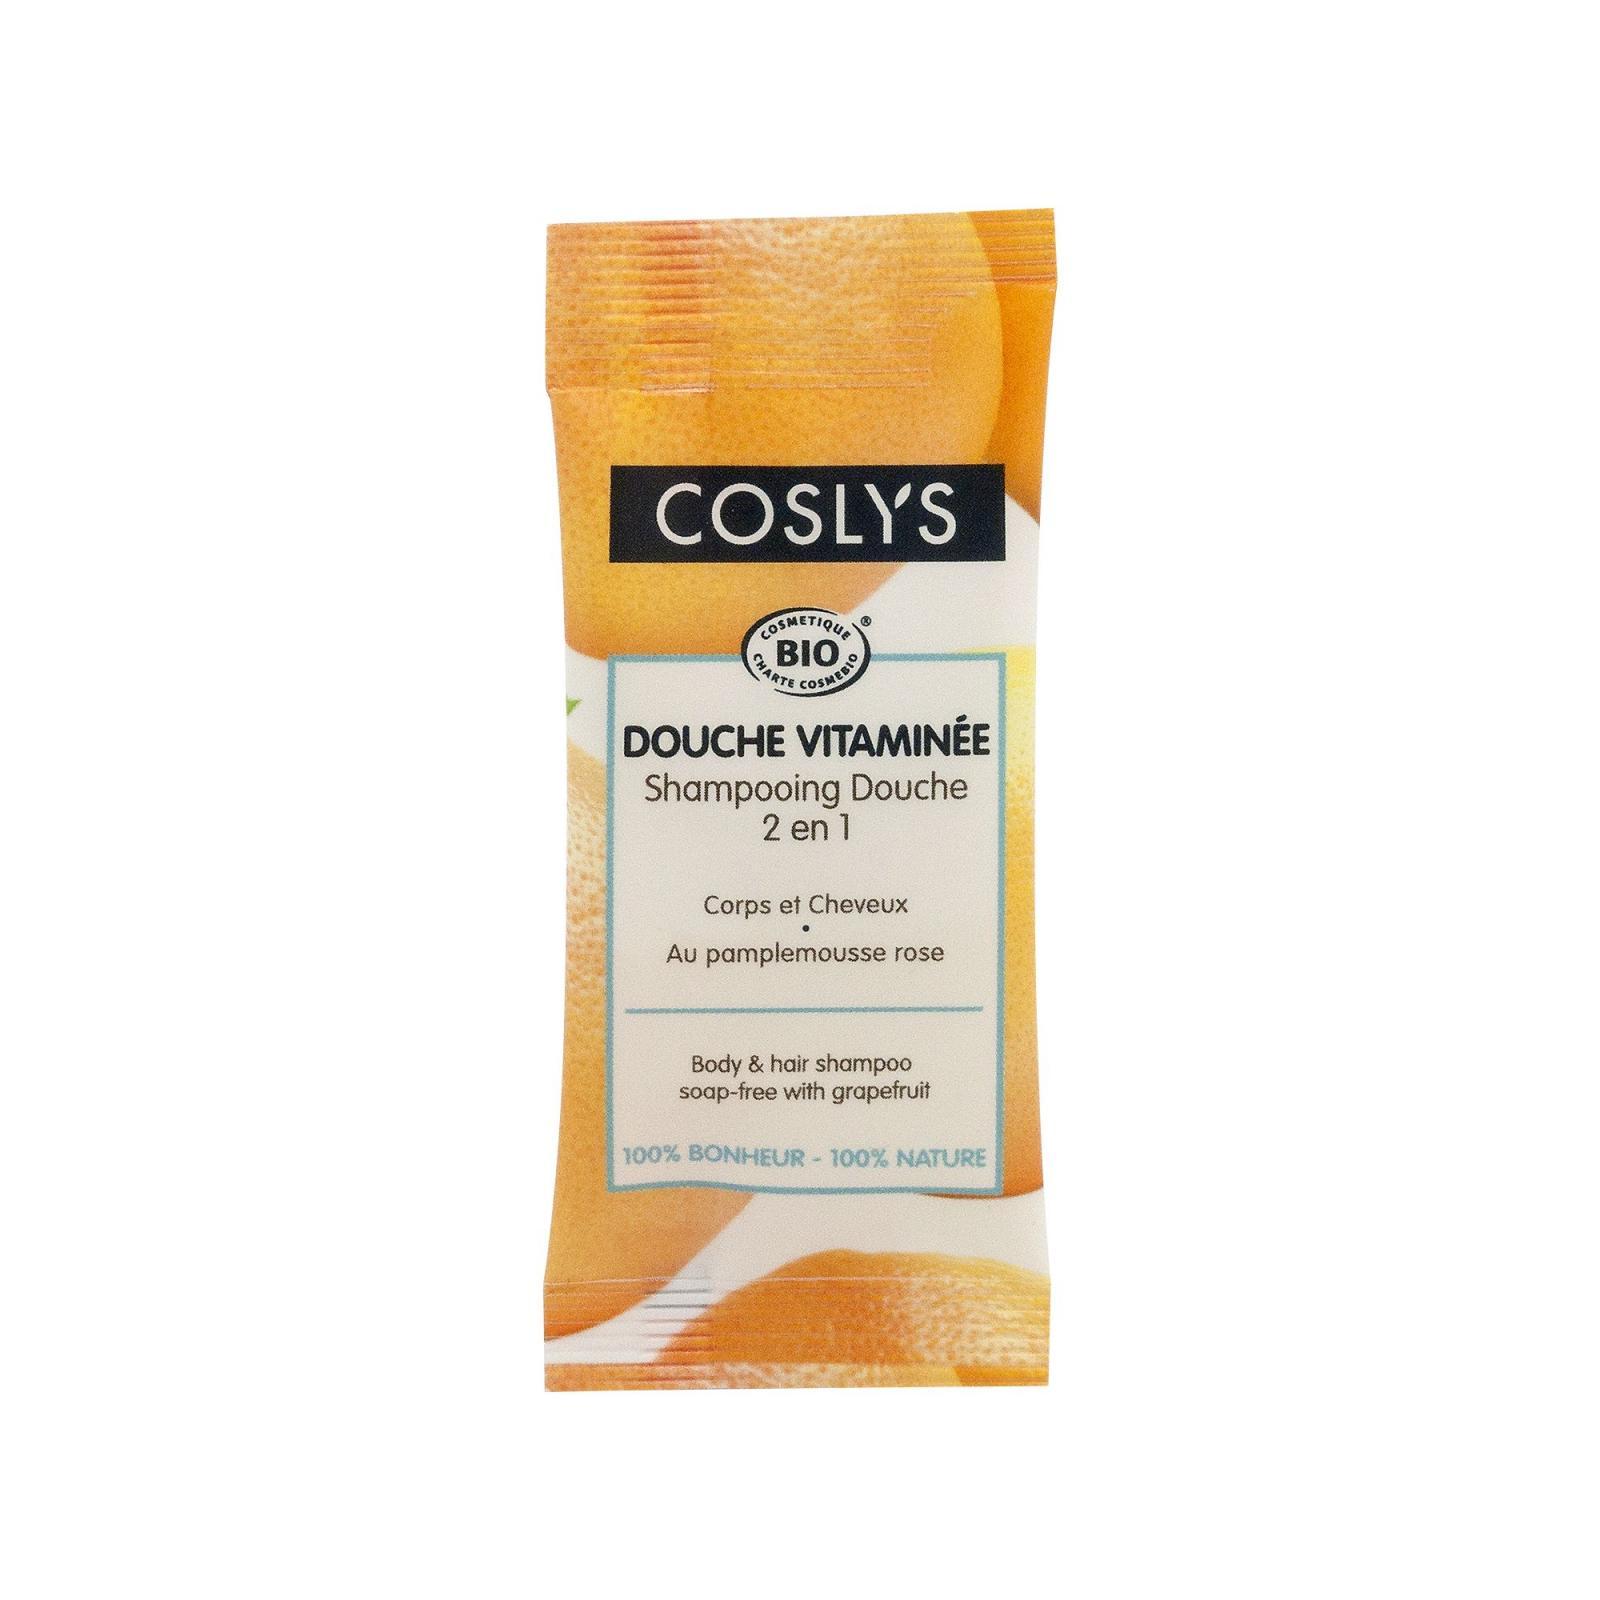 Coslys Sprchový šampon bez mýdla grep 8 ml